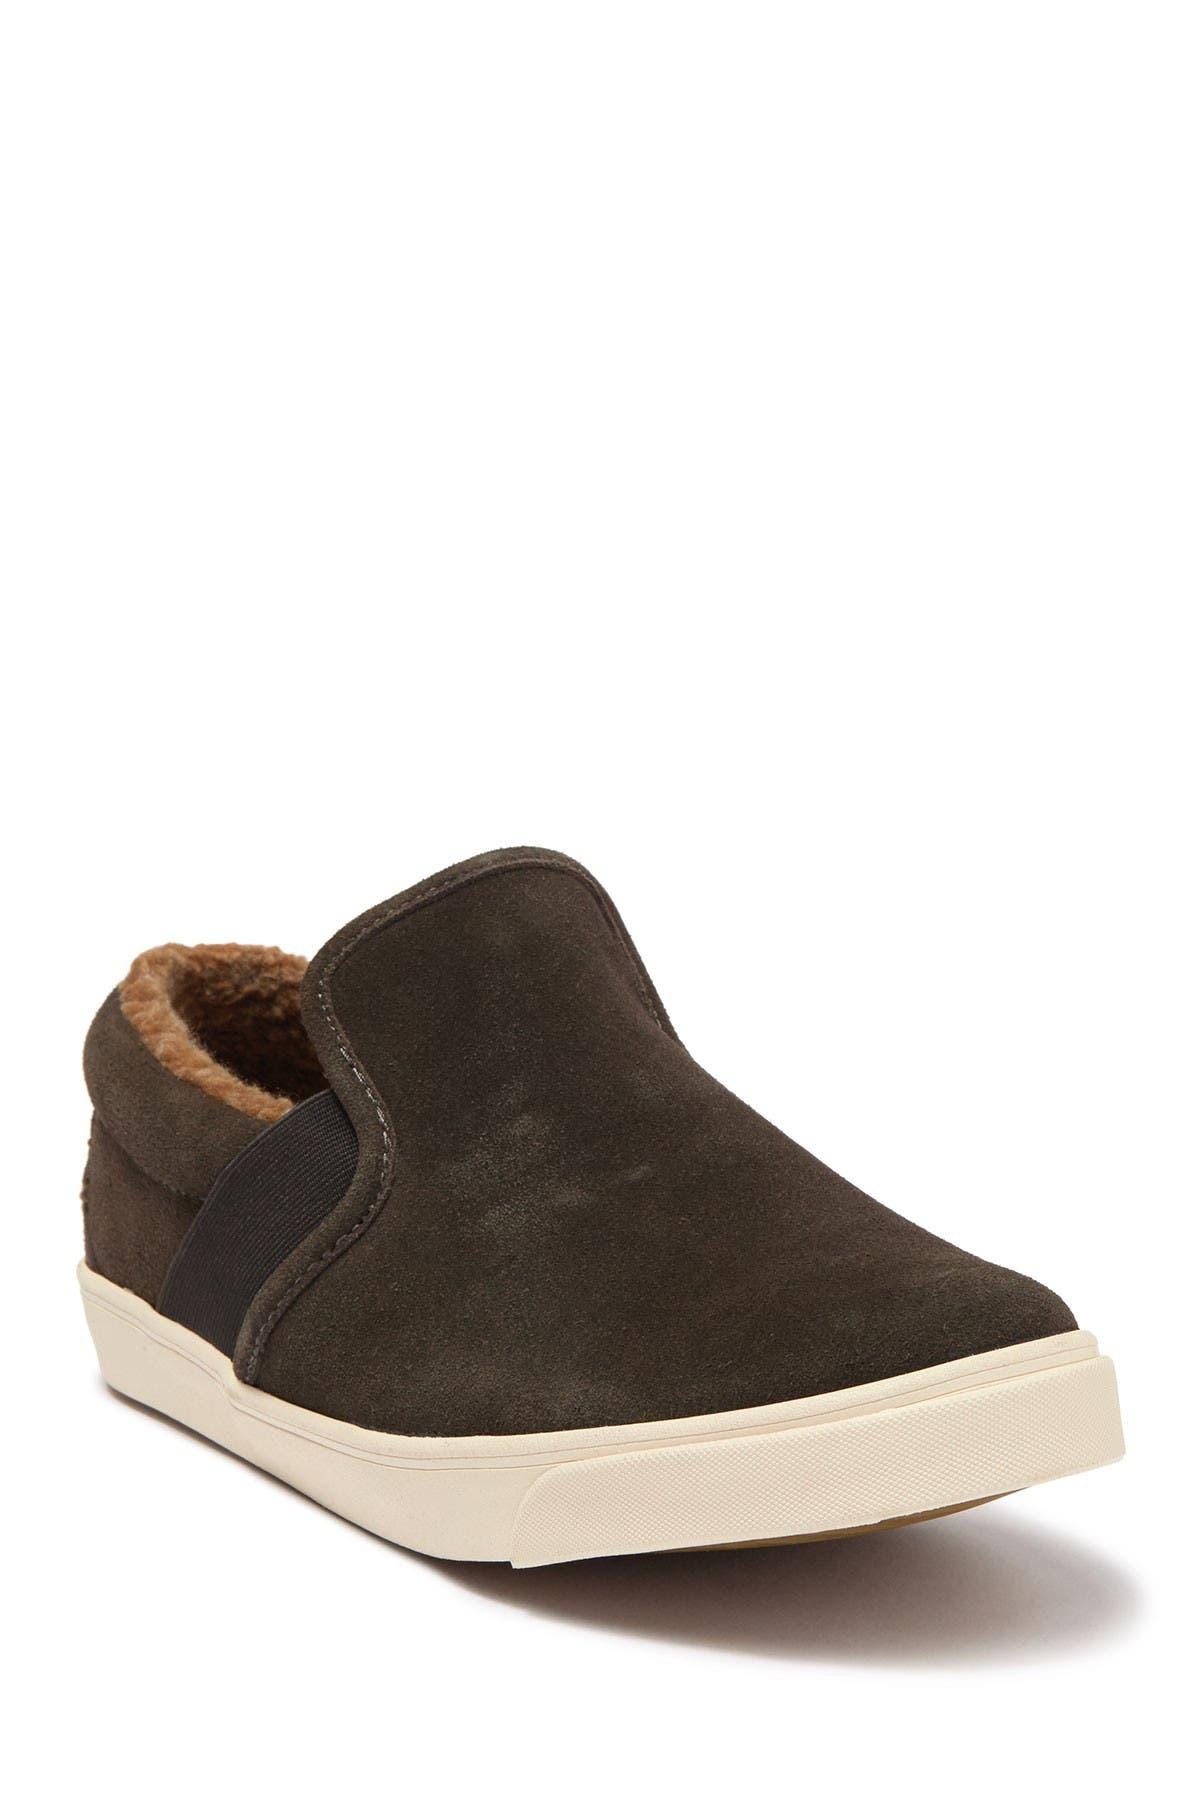 Image of STAHEEKUM Greenwood Faux Fur Lined Slip-On Sneaker